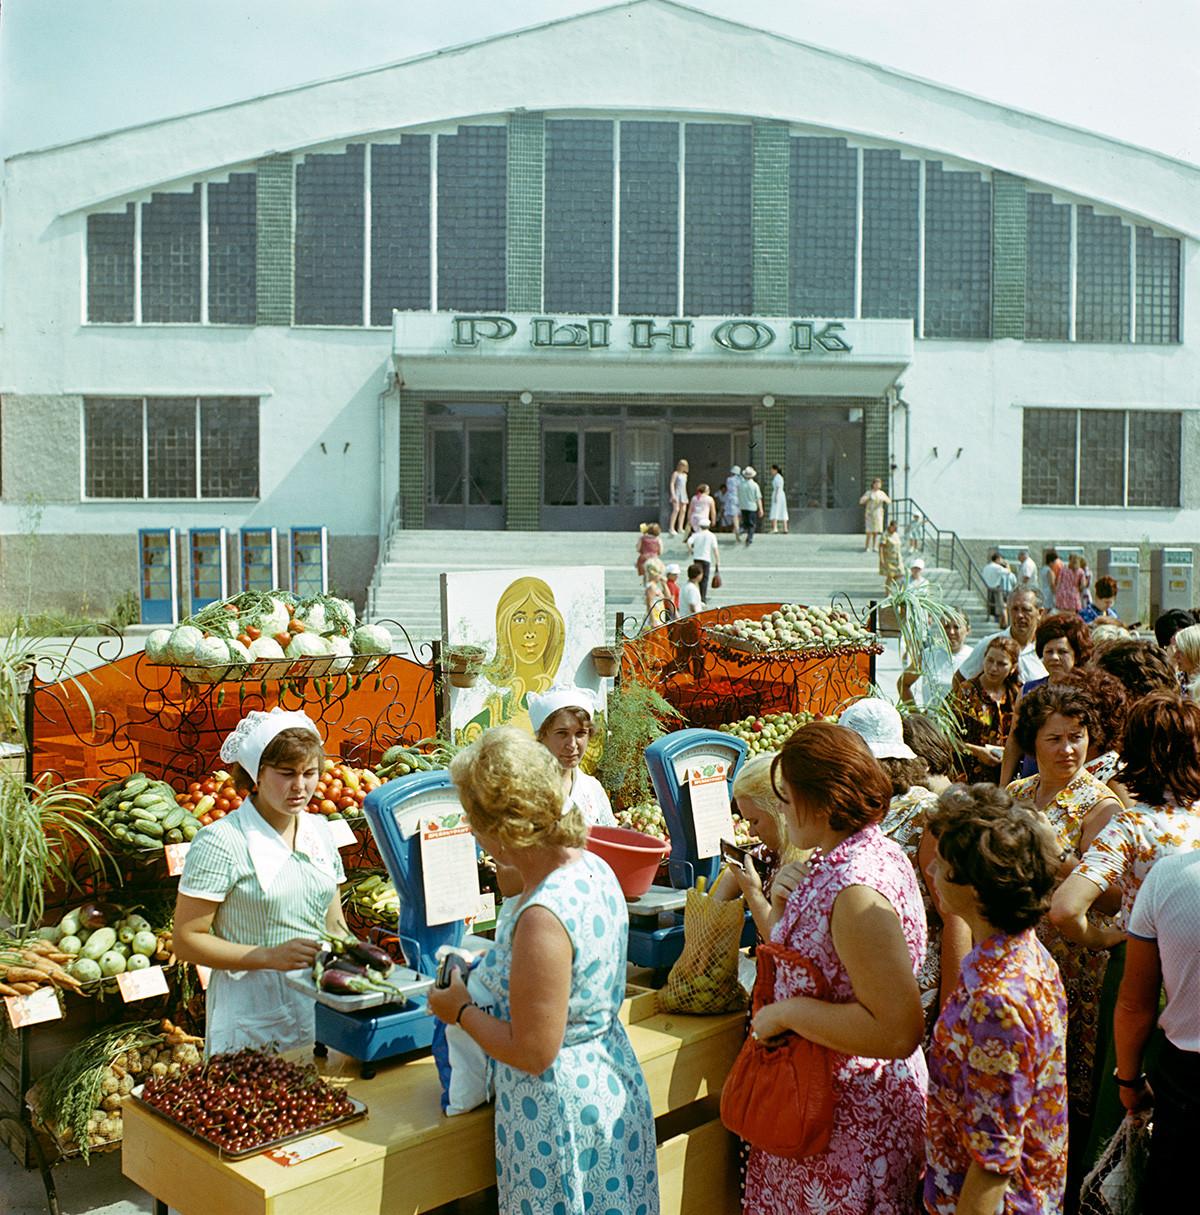 Suasana pasar sayuran dan buah-buahan di jalan kota Yevpatoriya, Krimea, 1979.